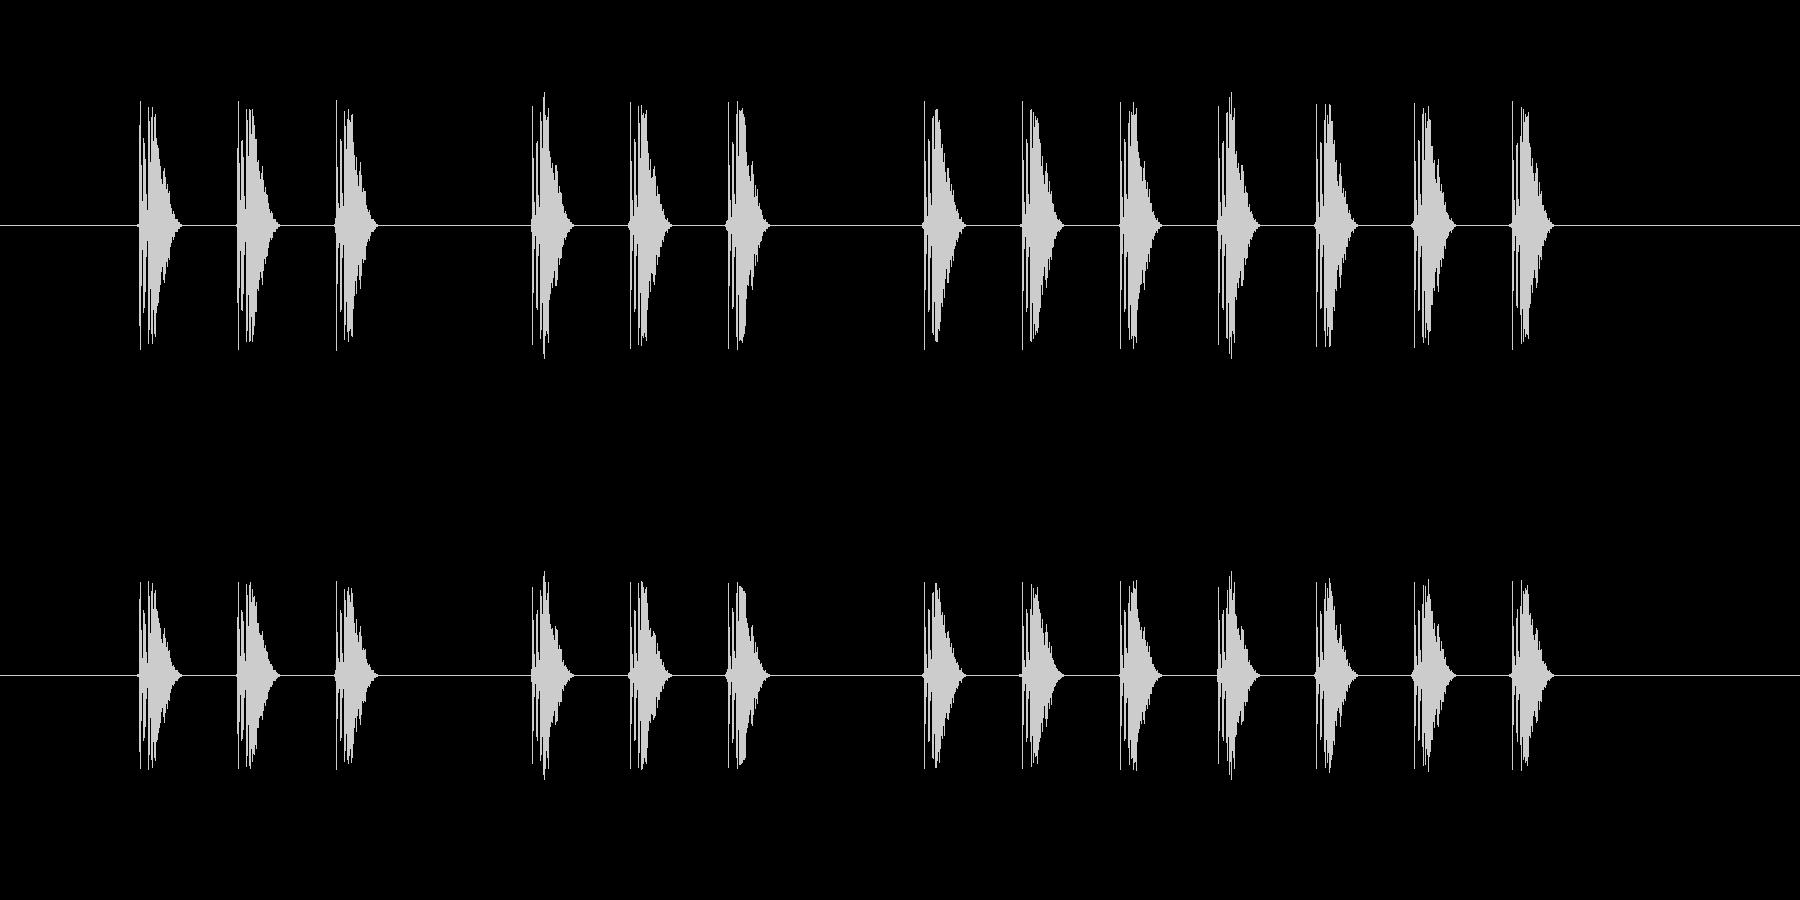 三三七拍子 337拍子の未再生の波形